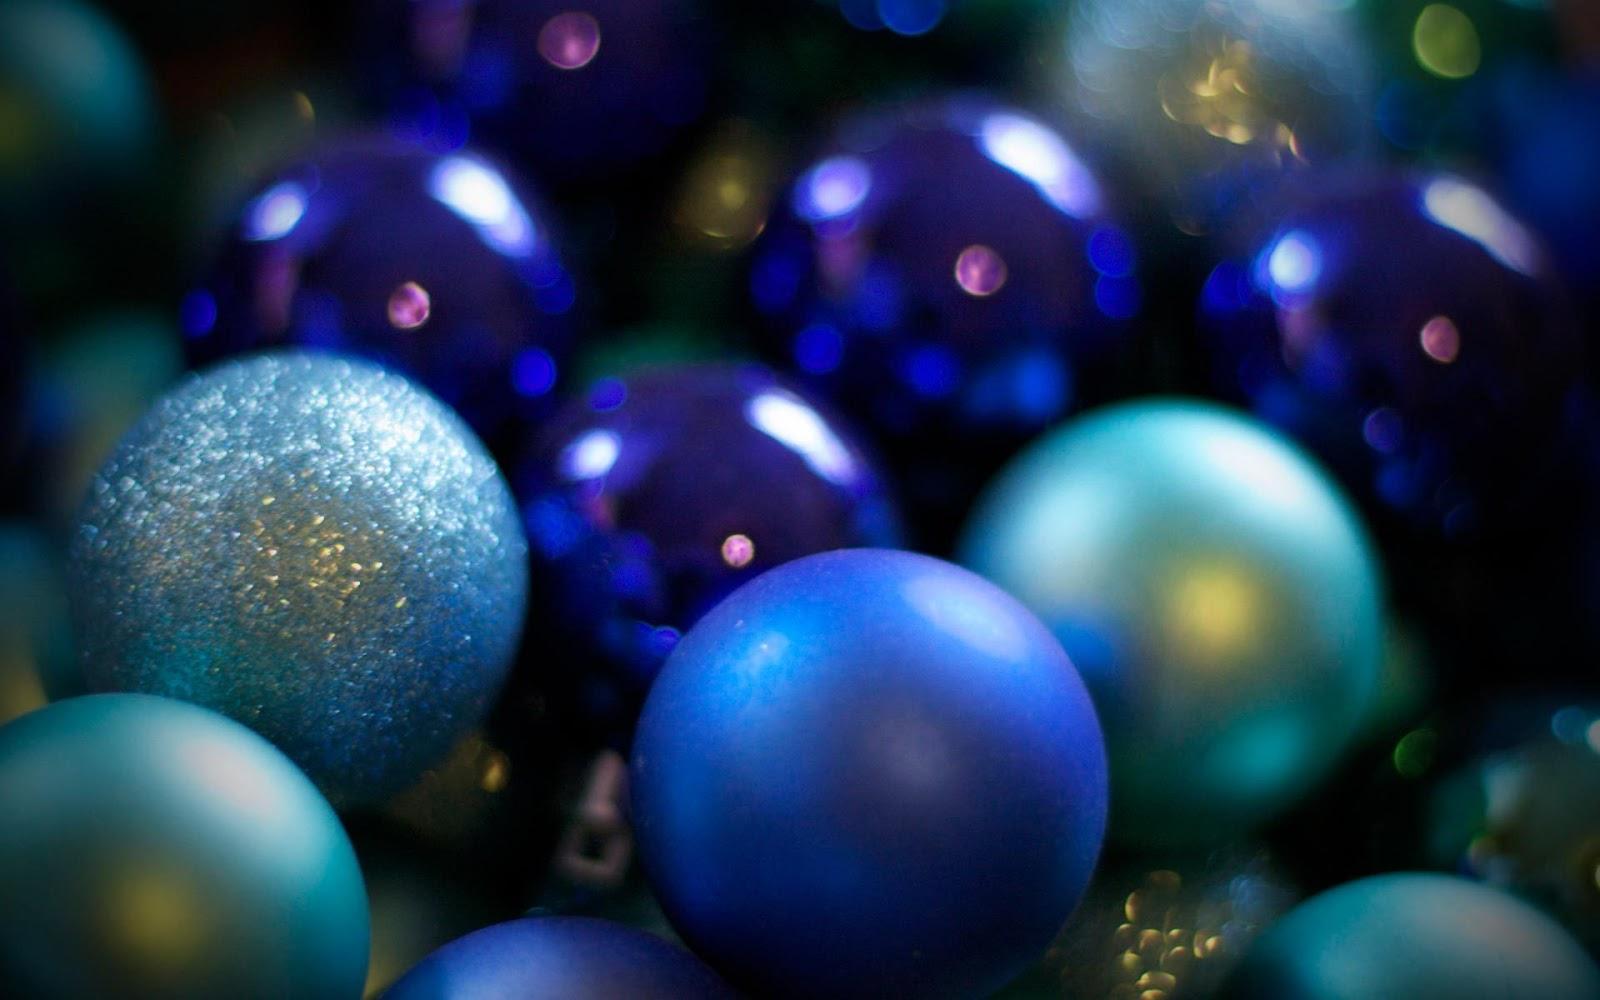 Fondo De Pantalla Abstracto Bolas Azules: Wallpapernarium: Diferentes Bolas De Navidad Azules